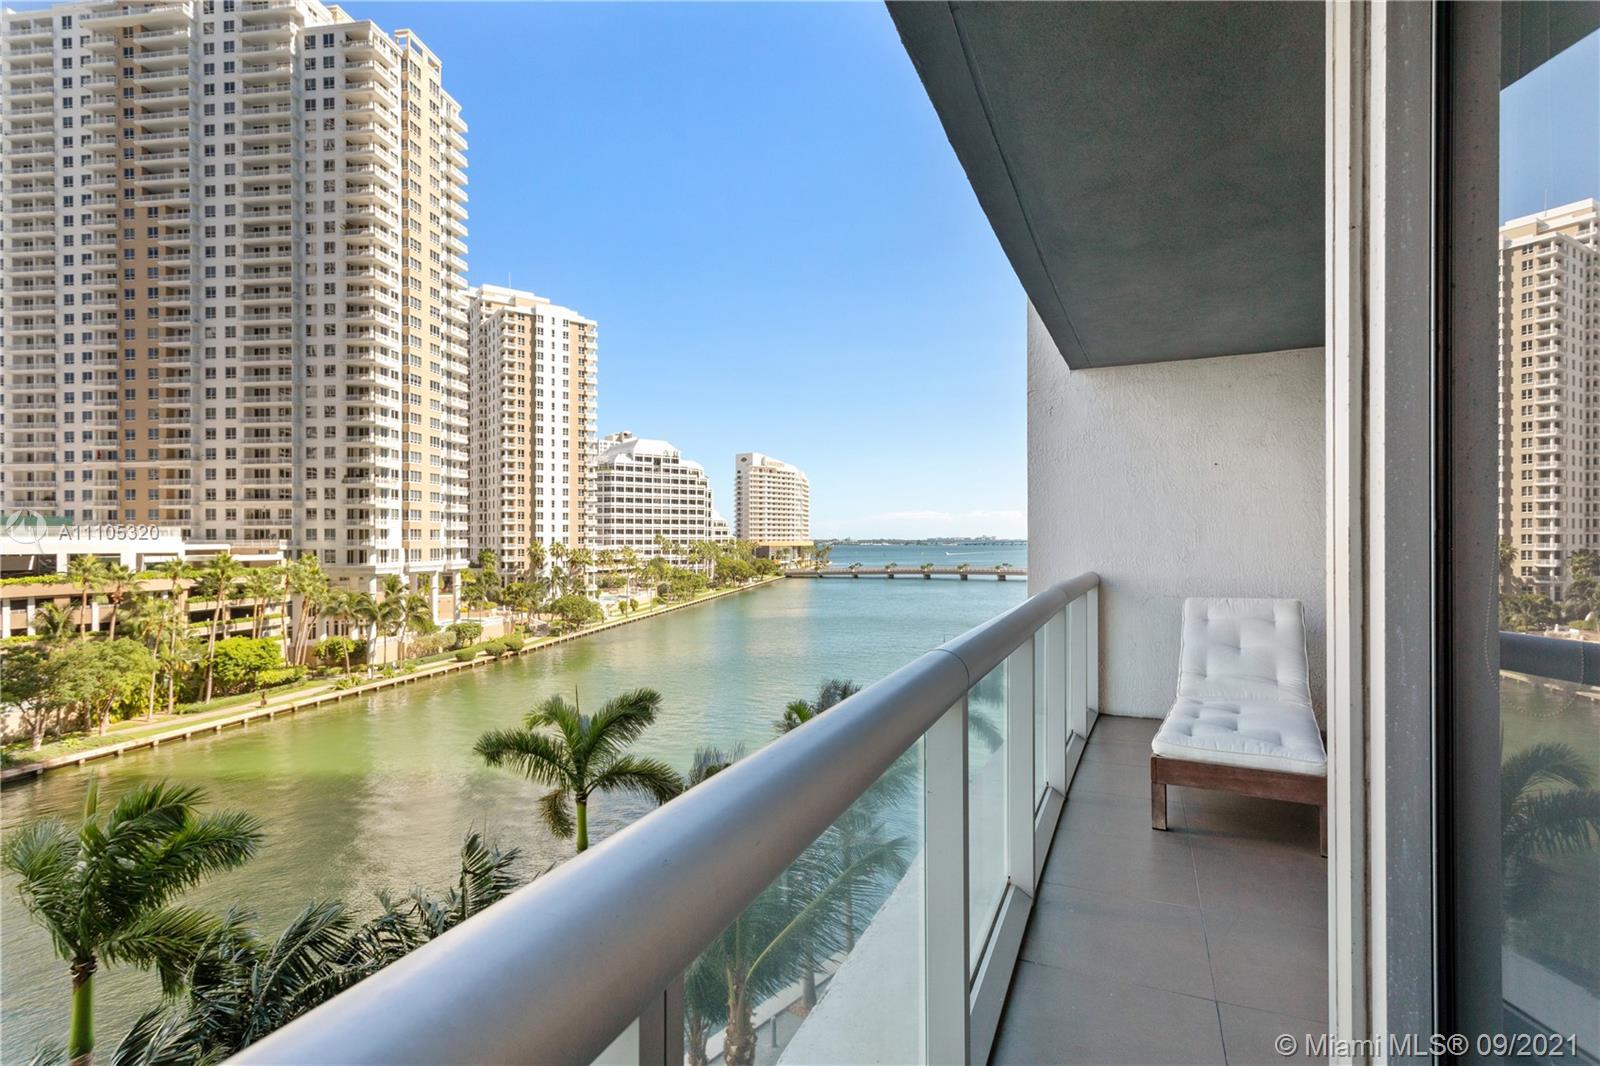 Icon Brickell 1 #618 - 465 SE Brickell Ave #618, Miami, FL 33131